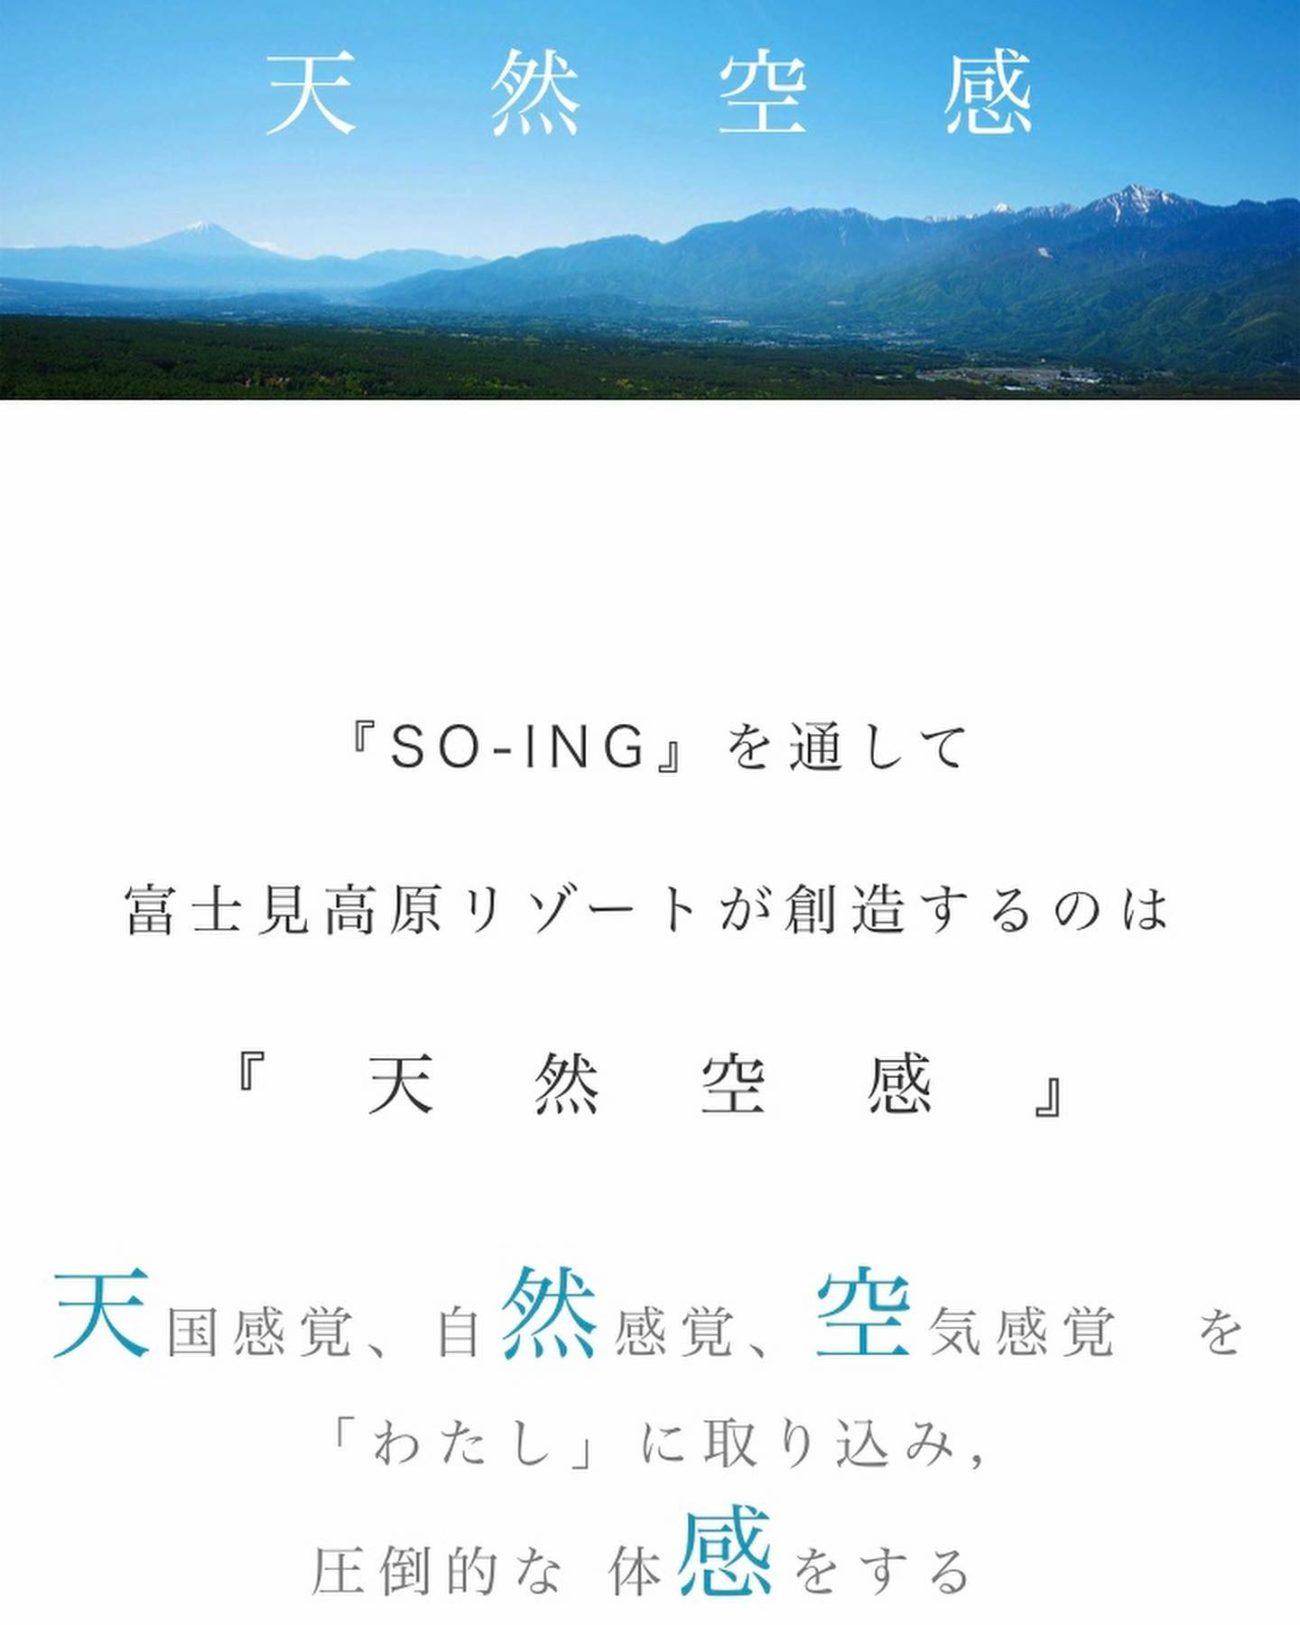 アビエス2020パートナー紹介-富士見高原リゾート-メッセージ